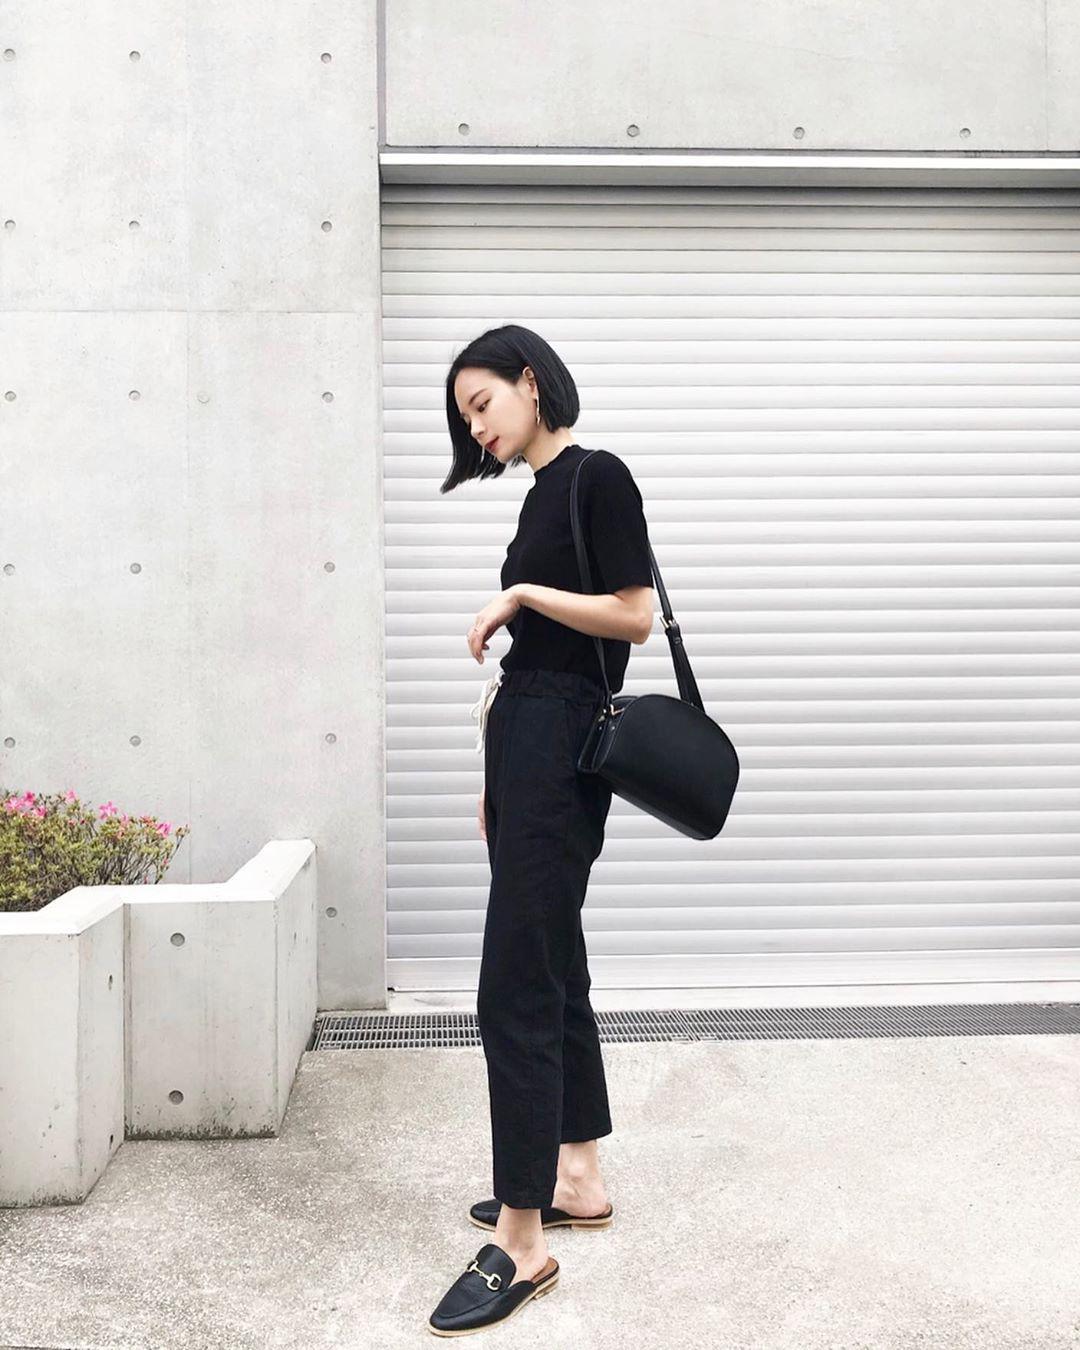 Muốn mặc đẹp hãy tham khảo 15 bộ đồ từ street style châu Á dưới đây, với rất nhiều gợi ý váy áo thô/đũi mát mẻ - Ảnh 9.